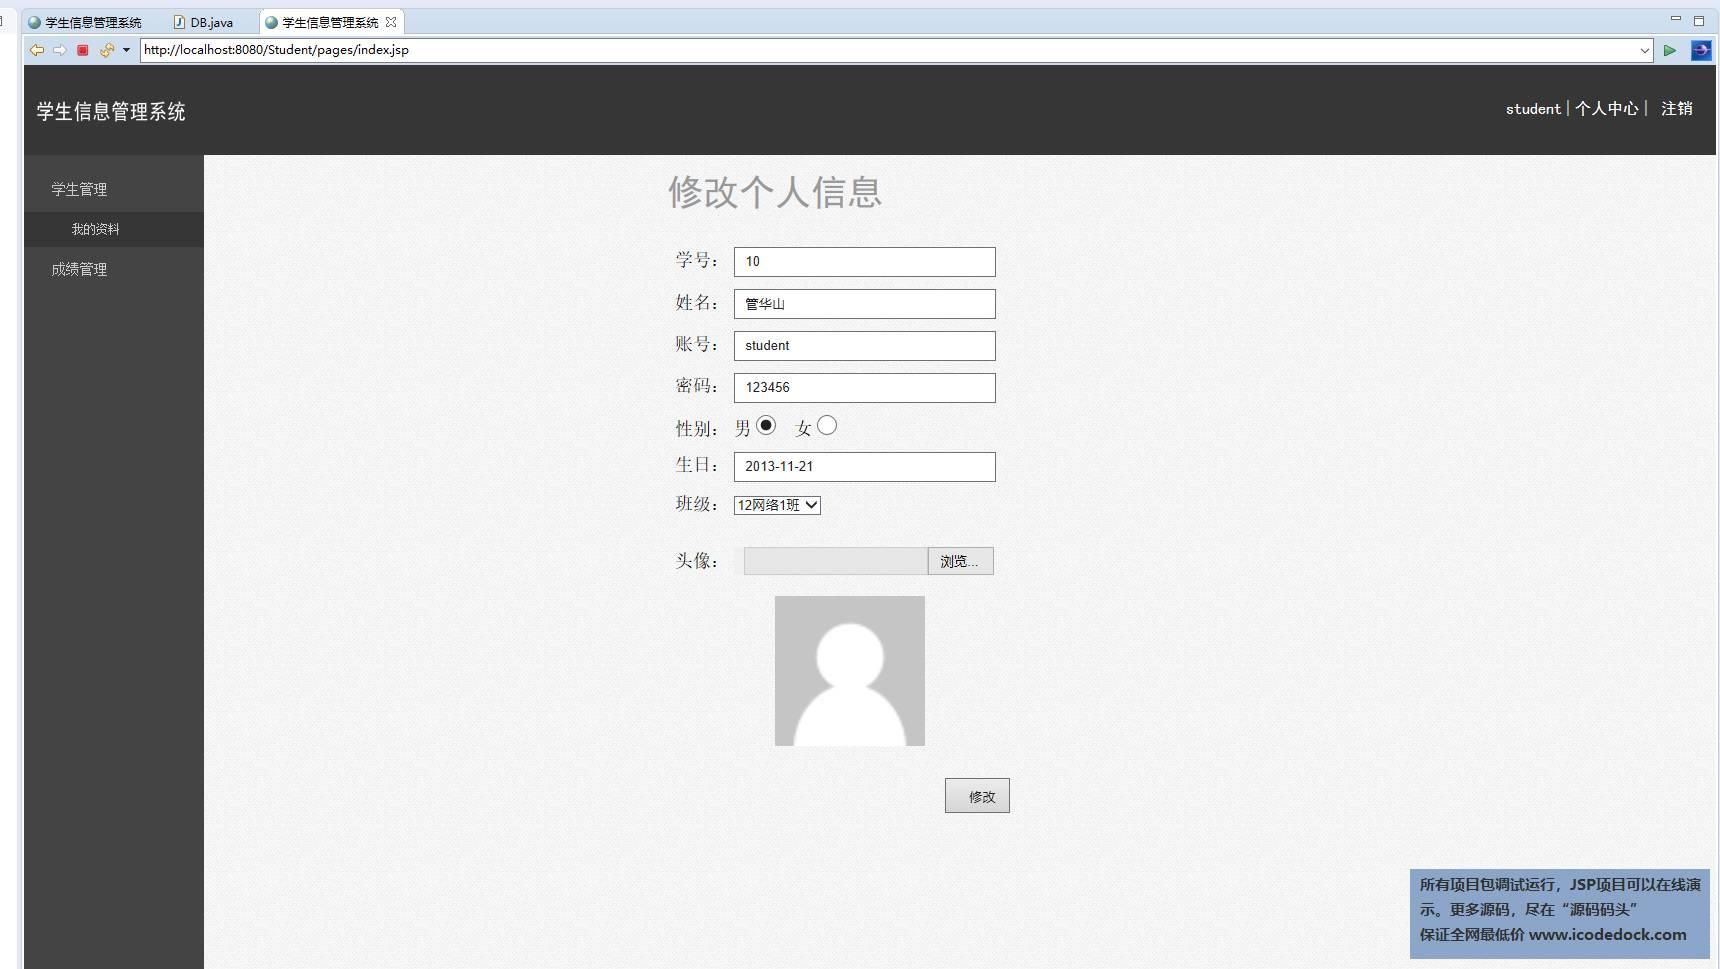 源码码头-JSP学生信息管理系统-学生角色-修改个人资料